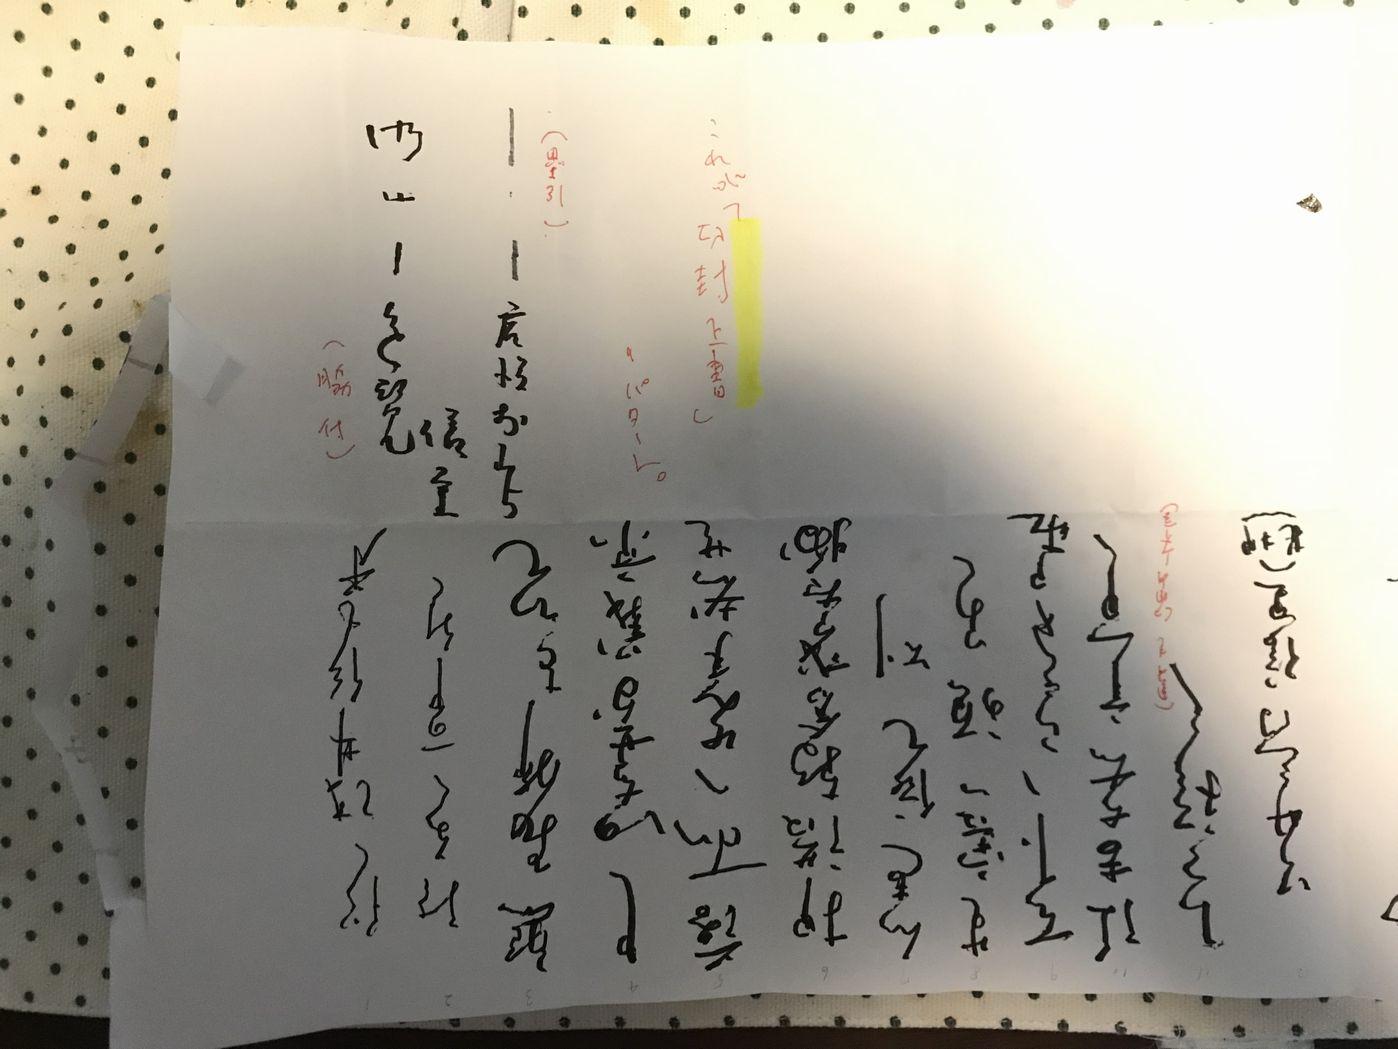 書状の封じ018(折り紙切封上書)